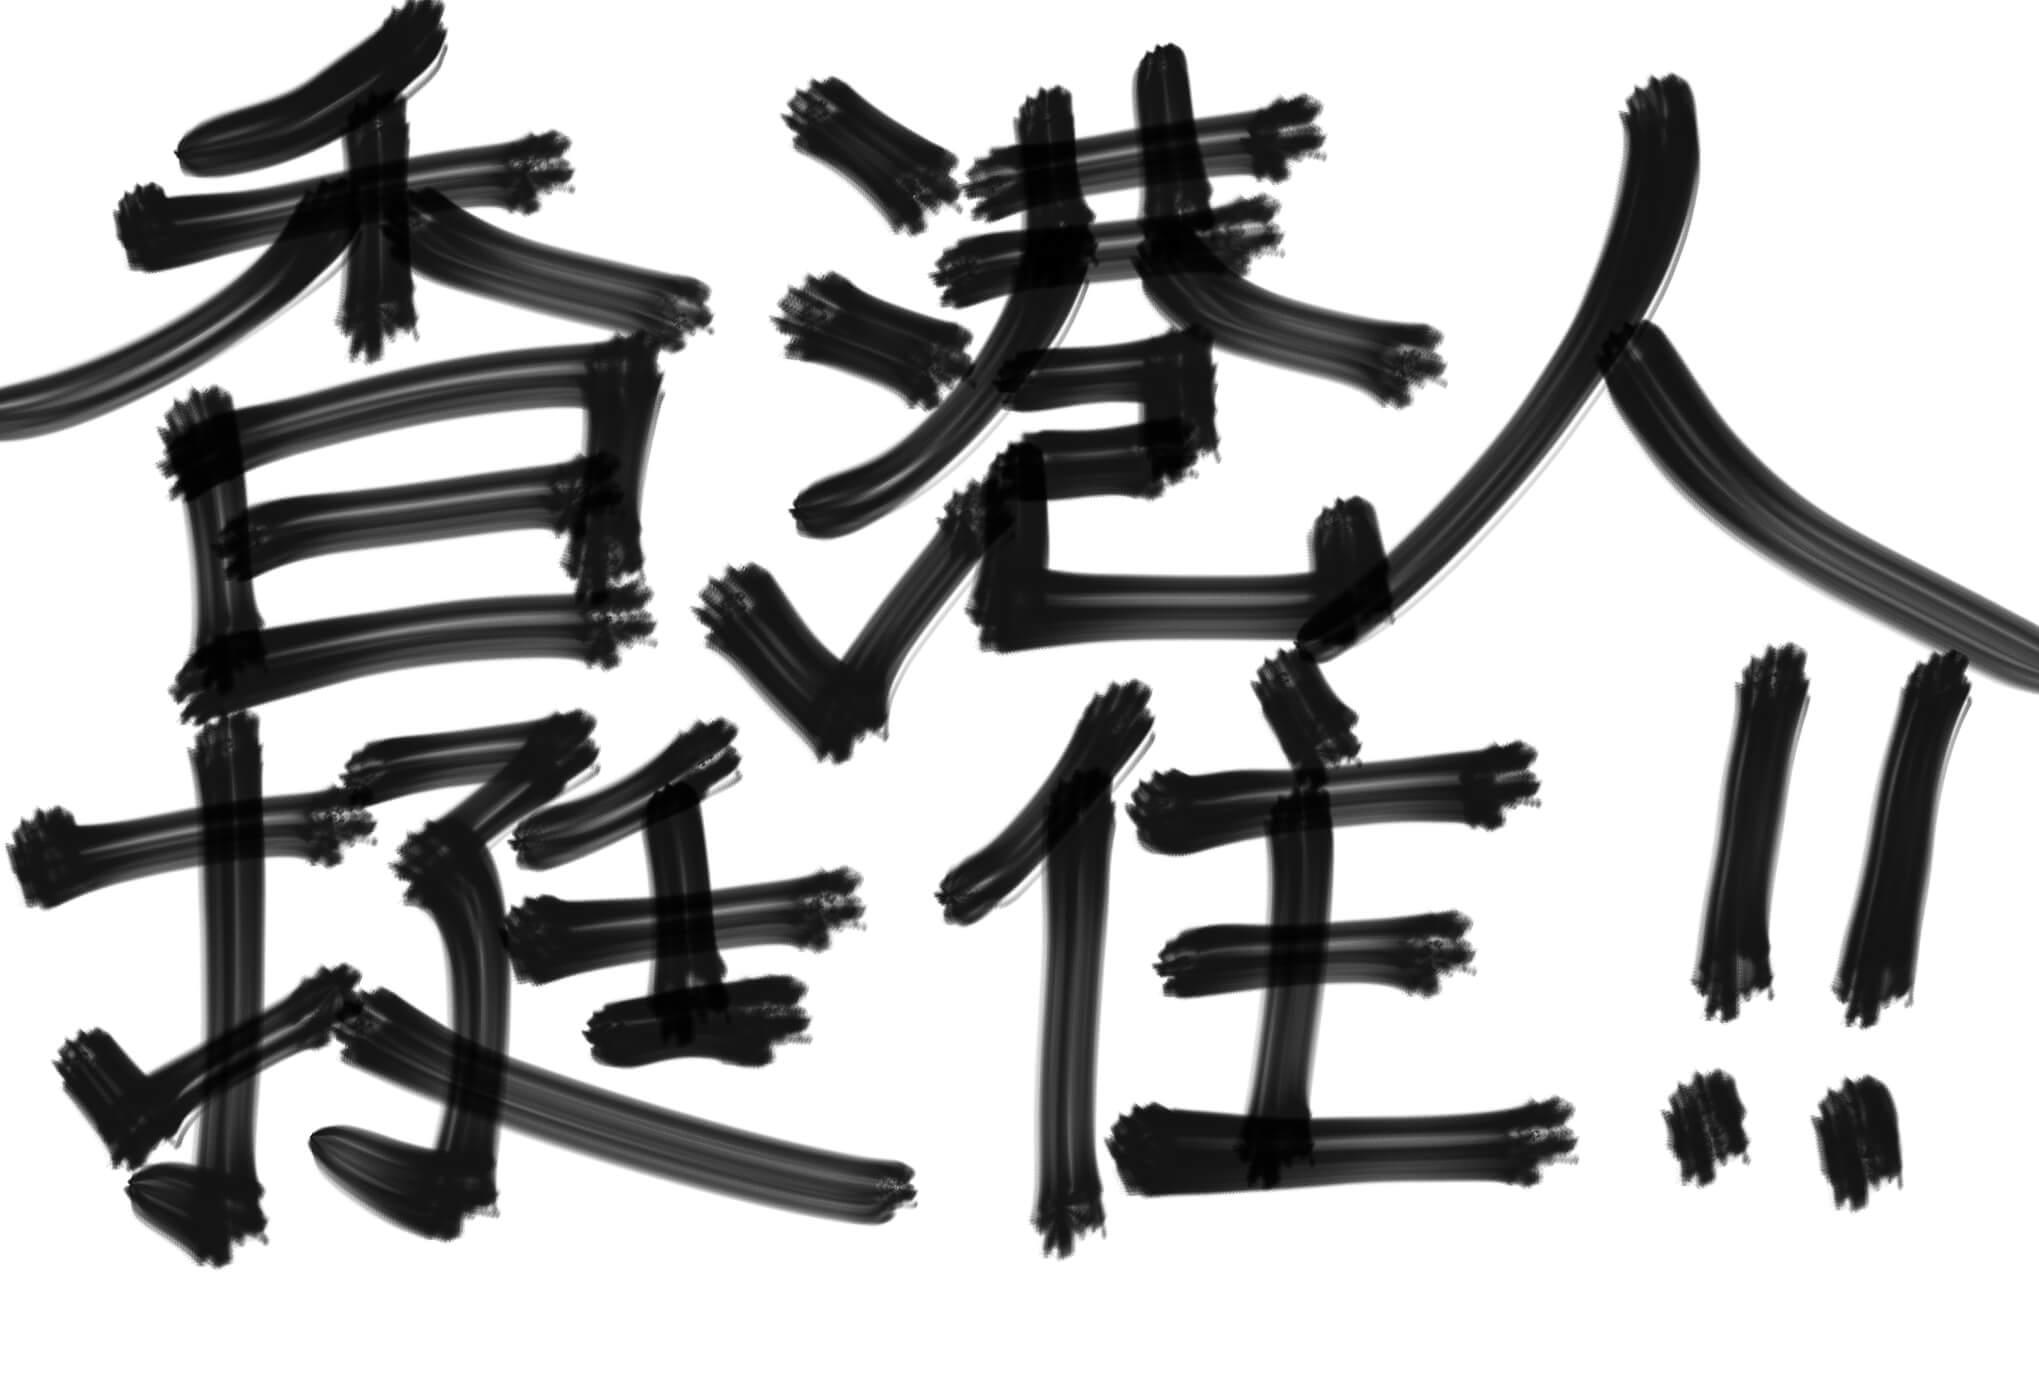 詩,香港,さんはん,言いたい放題,自由,平和,